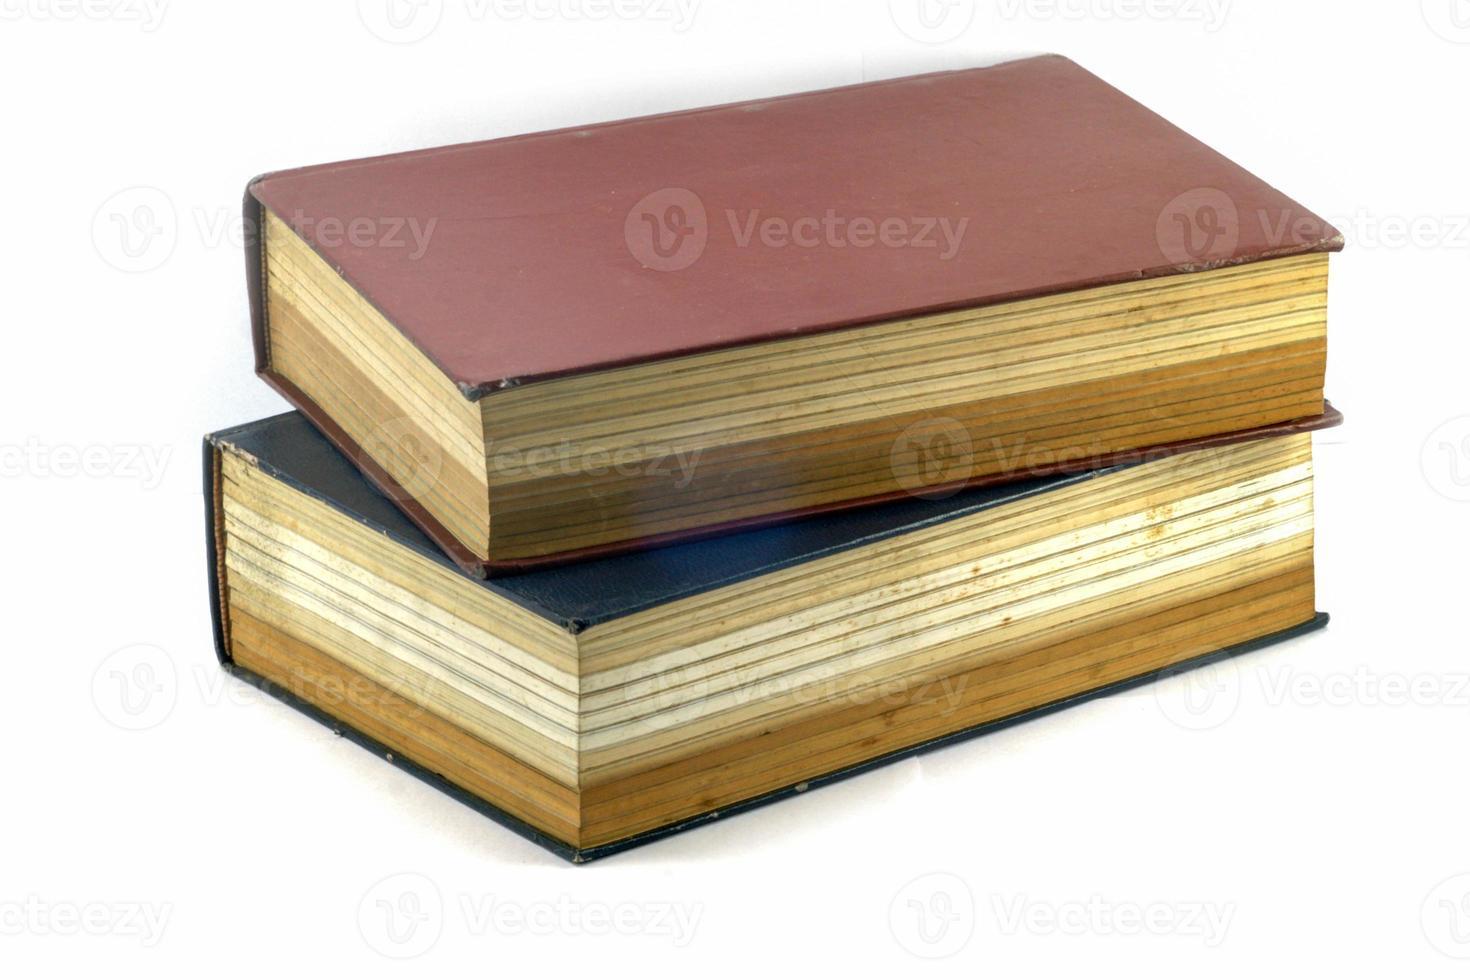 oude leerboeken of bijbel foto